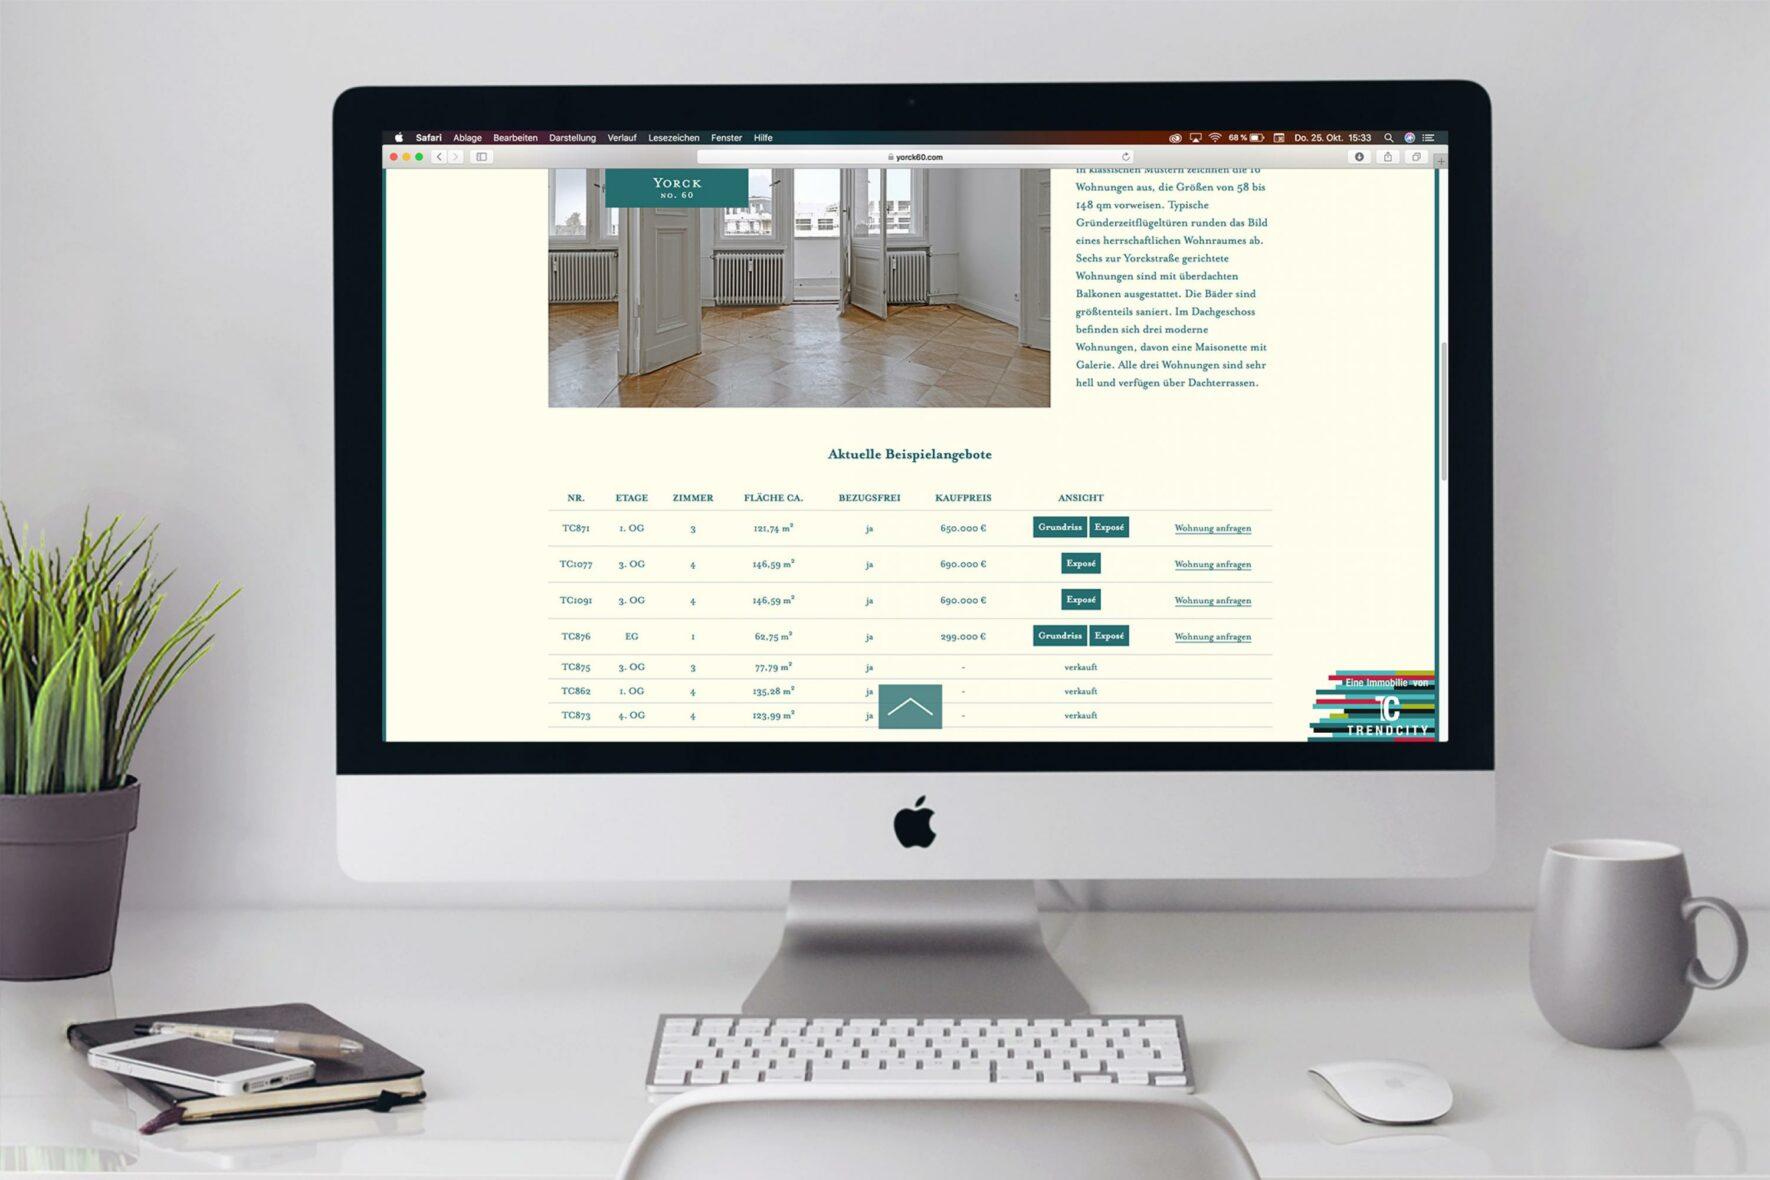 Webiste-Objekte-Branding-Trendcity-Immobilien-Corporate-design-4 Kopie